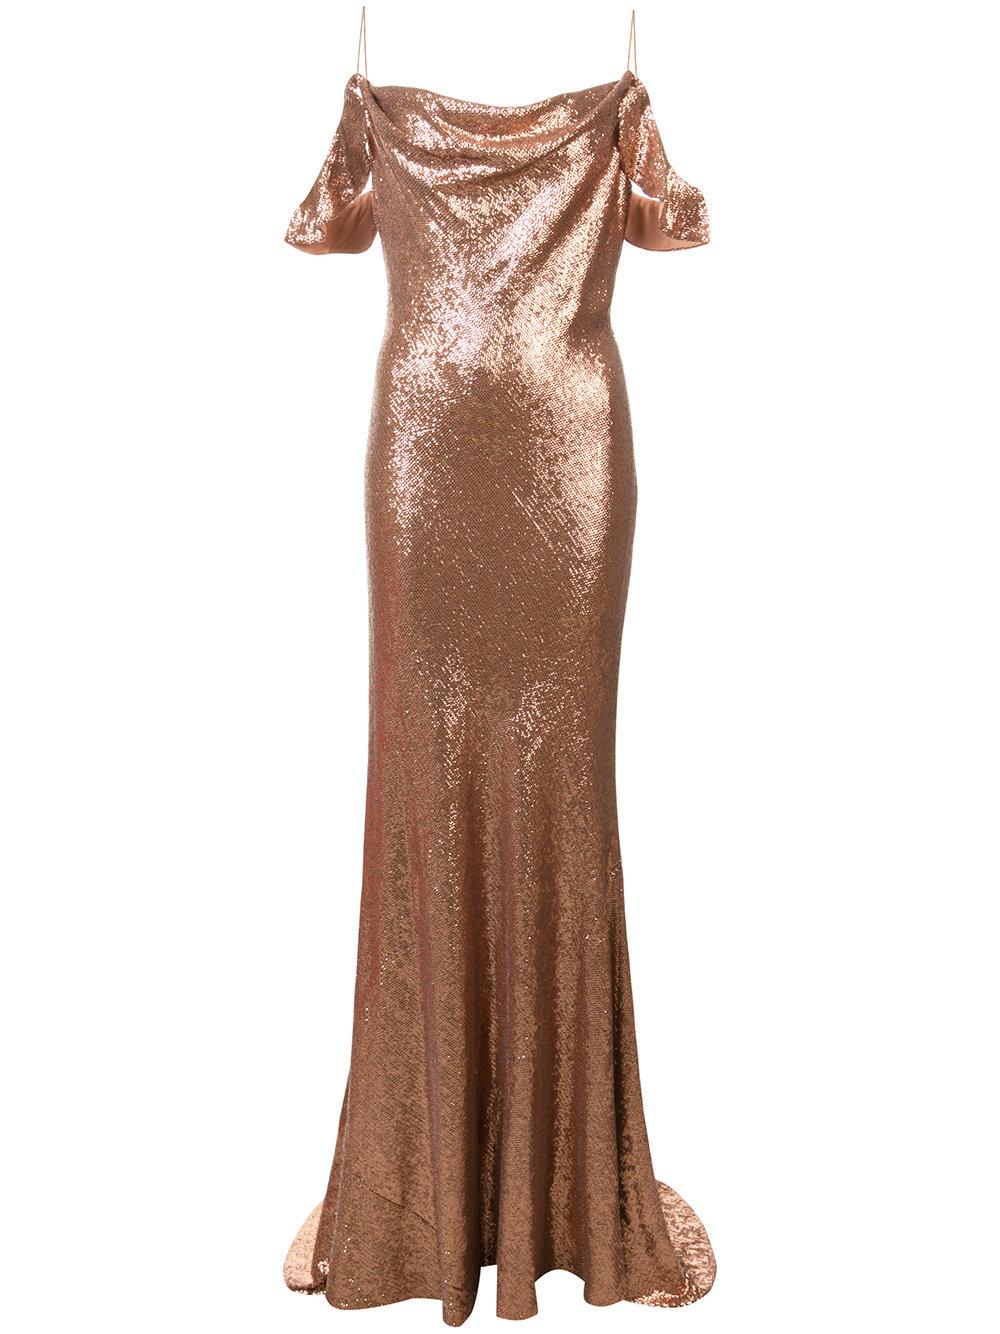 rachel zoe dress.jpg